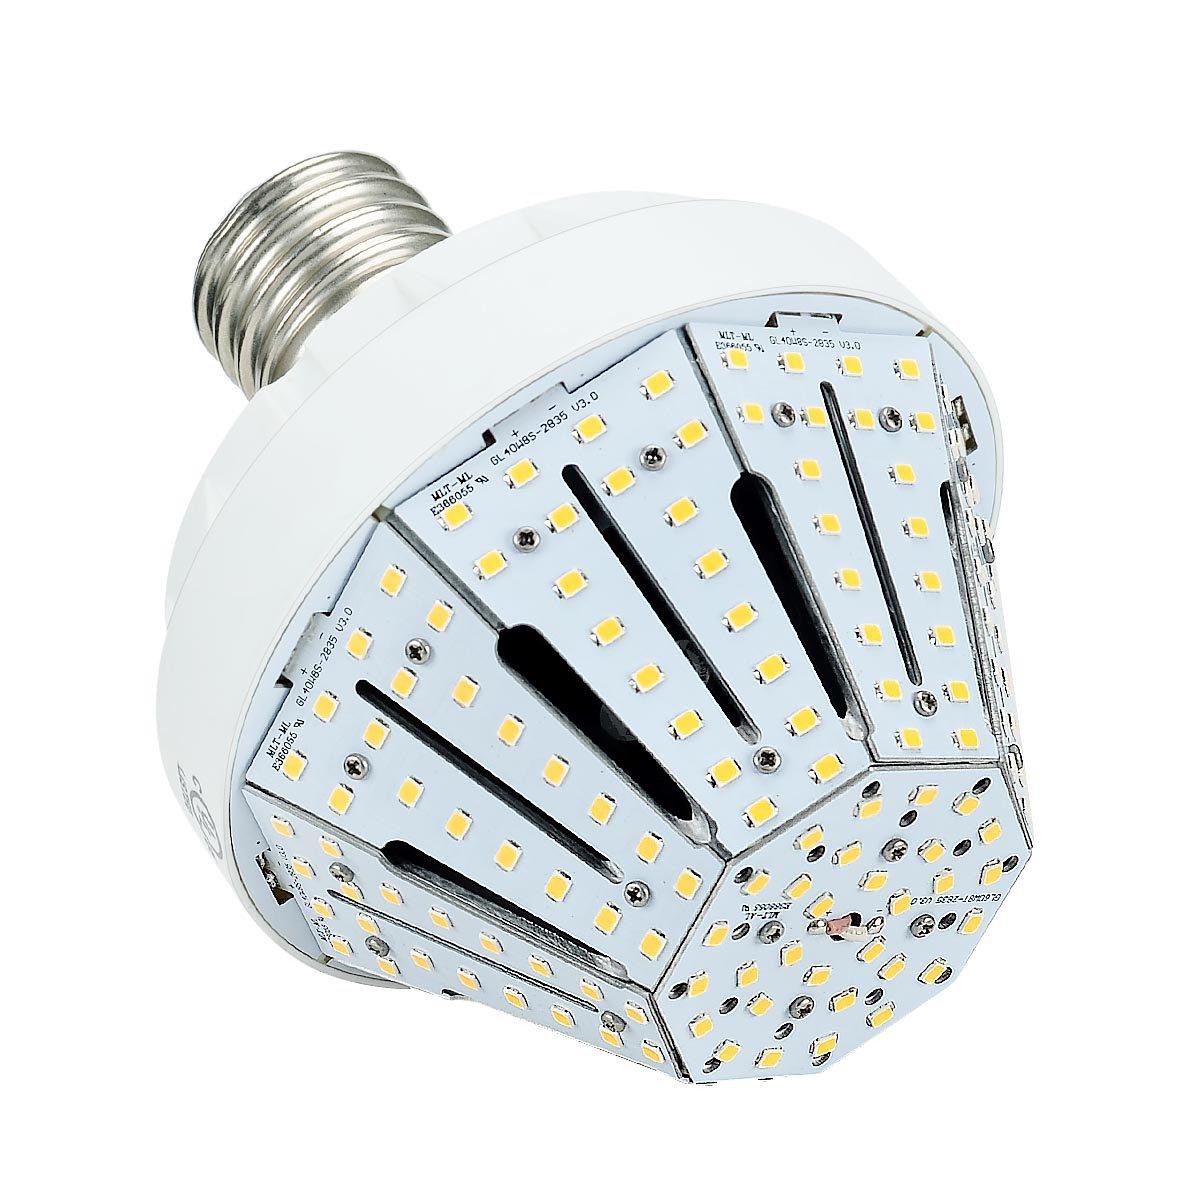 Phenas 40 W LEDトウモロコシ電球、Large Mogul e39ベース、3000 K、360 ° Street /庭照明交換用for 200 W 400 Wメタルハロゲンバルブに、HID、CFL、MH、HID、HPS ( ul- listed ) E39-AW81040W-3K 1 B073QJG3ZD 3000K